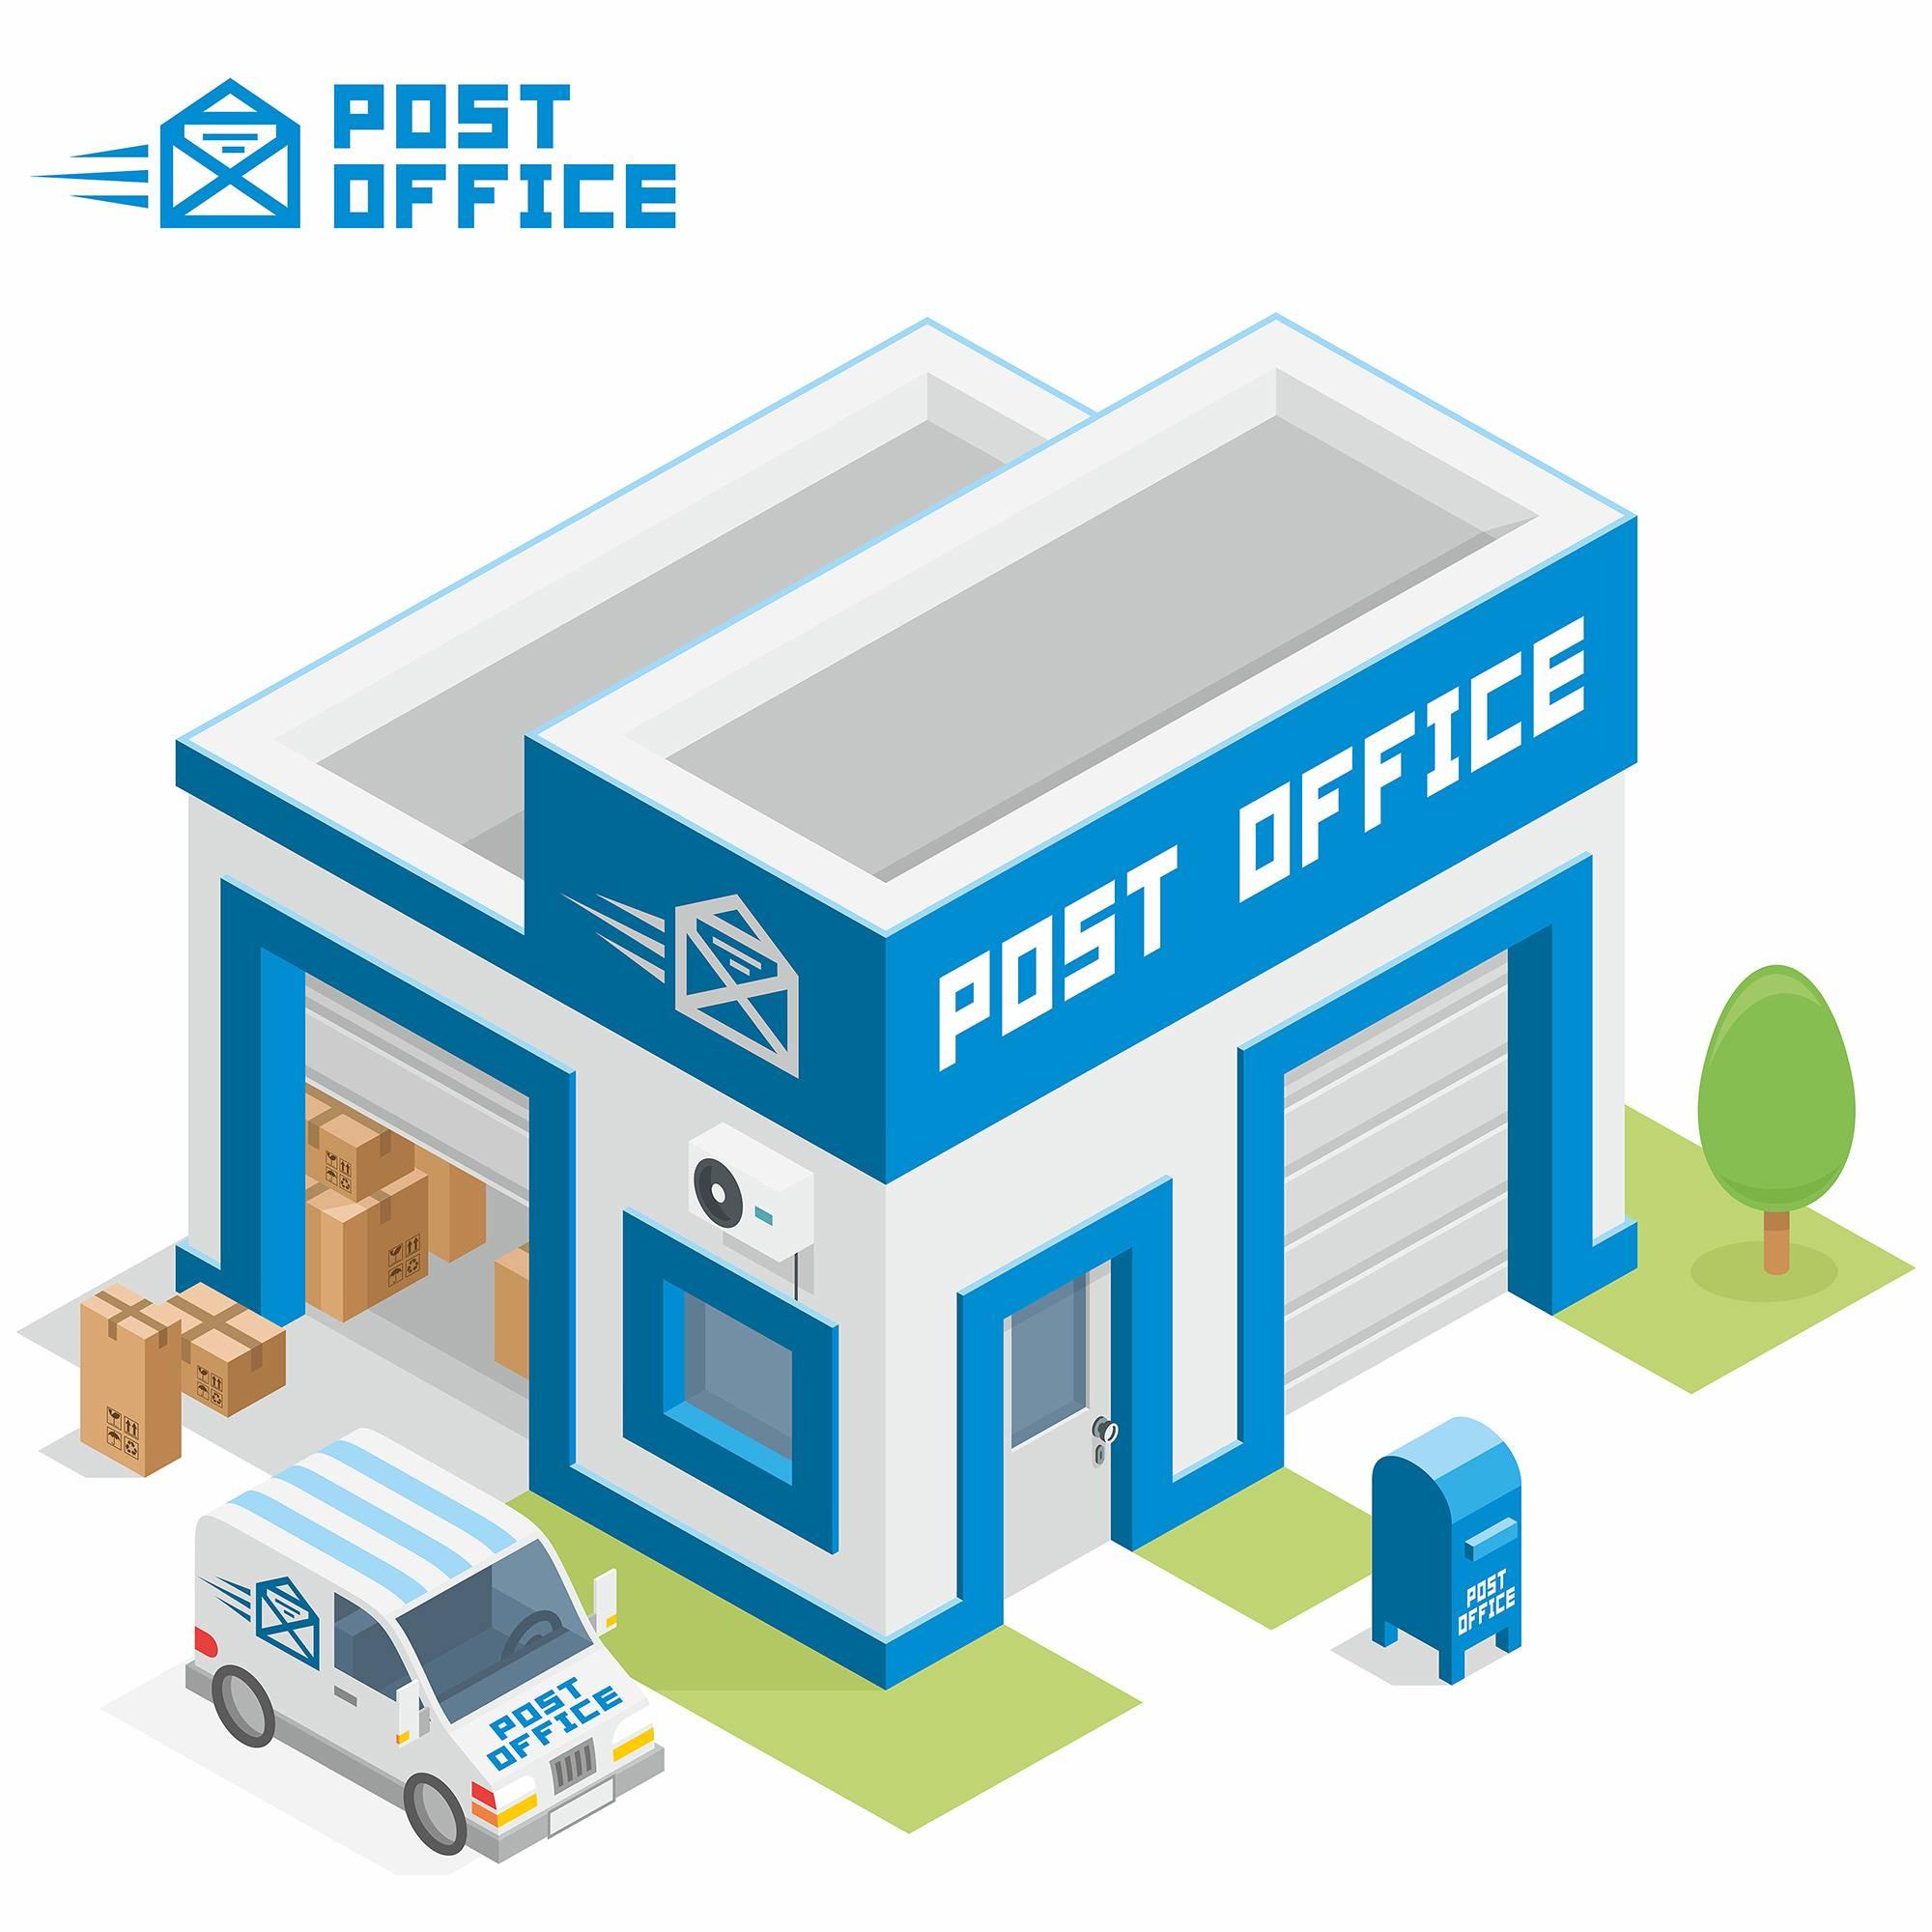 邮局3D扁平化创意设计